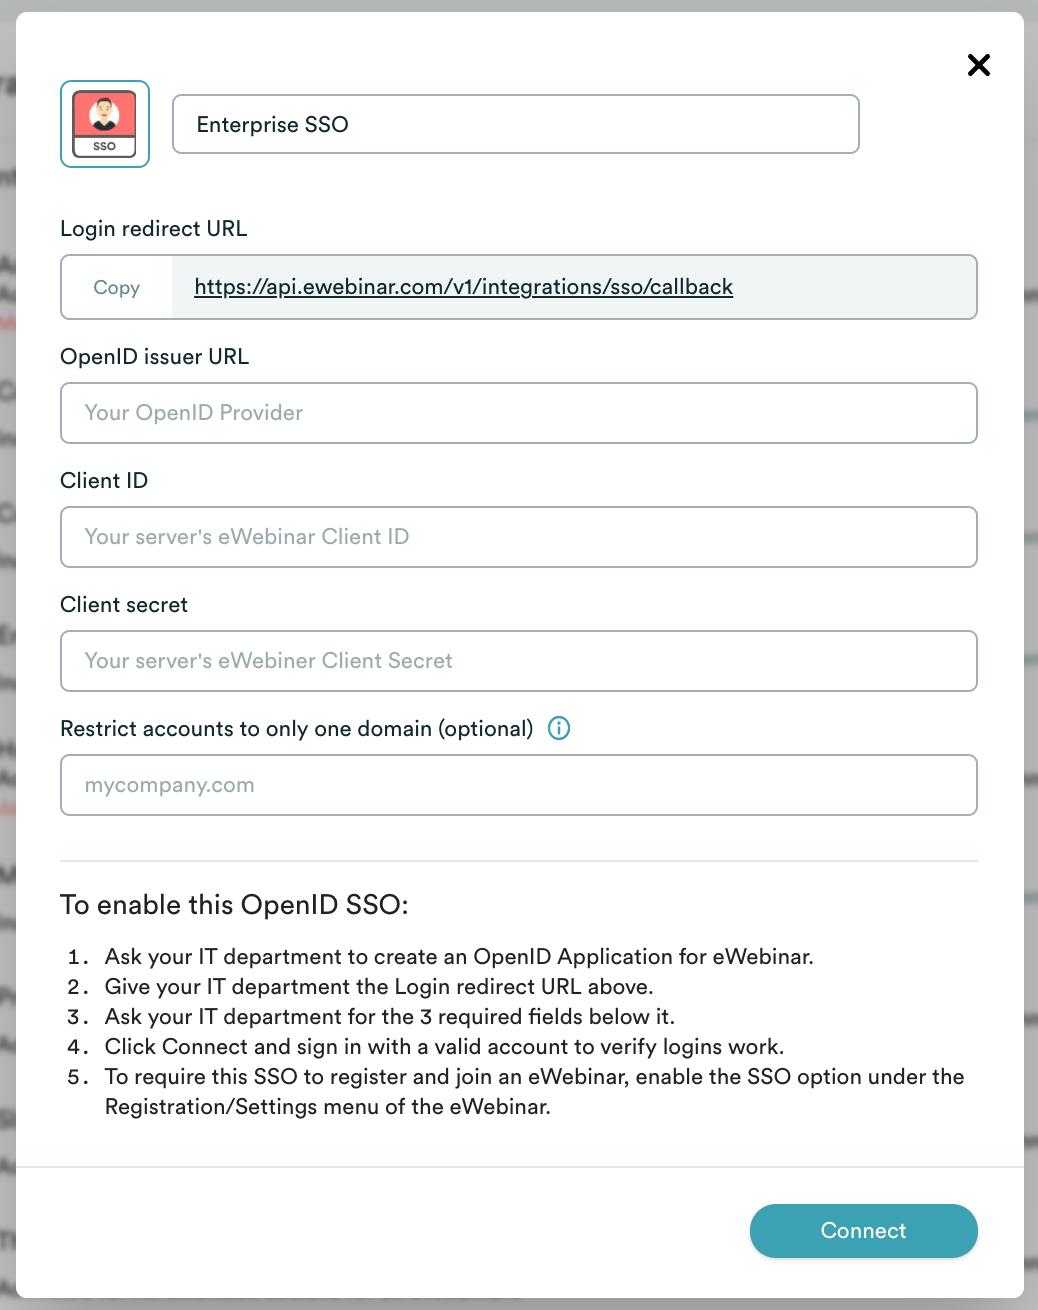 eWebinar integration modal for enterprise SSO